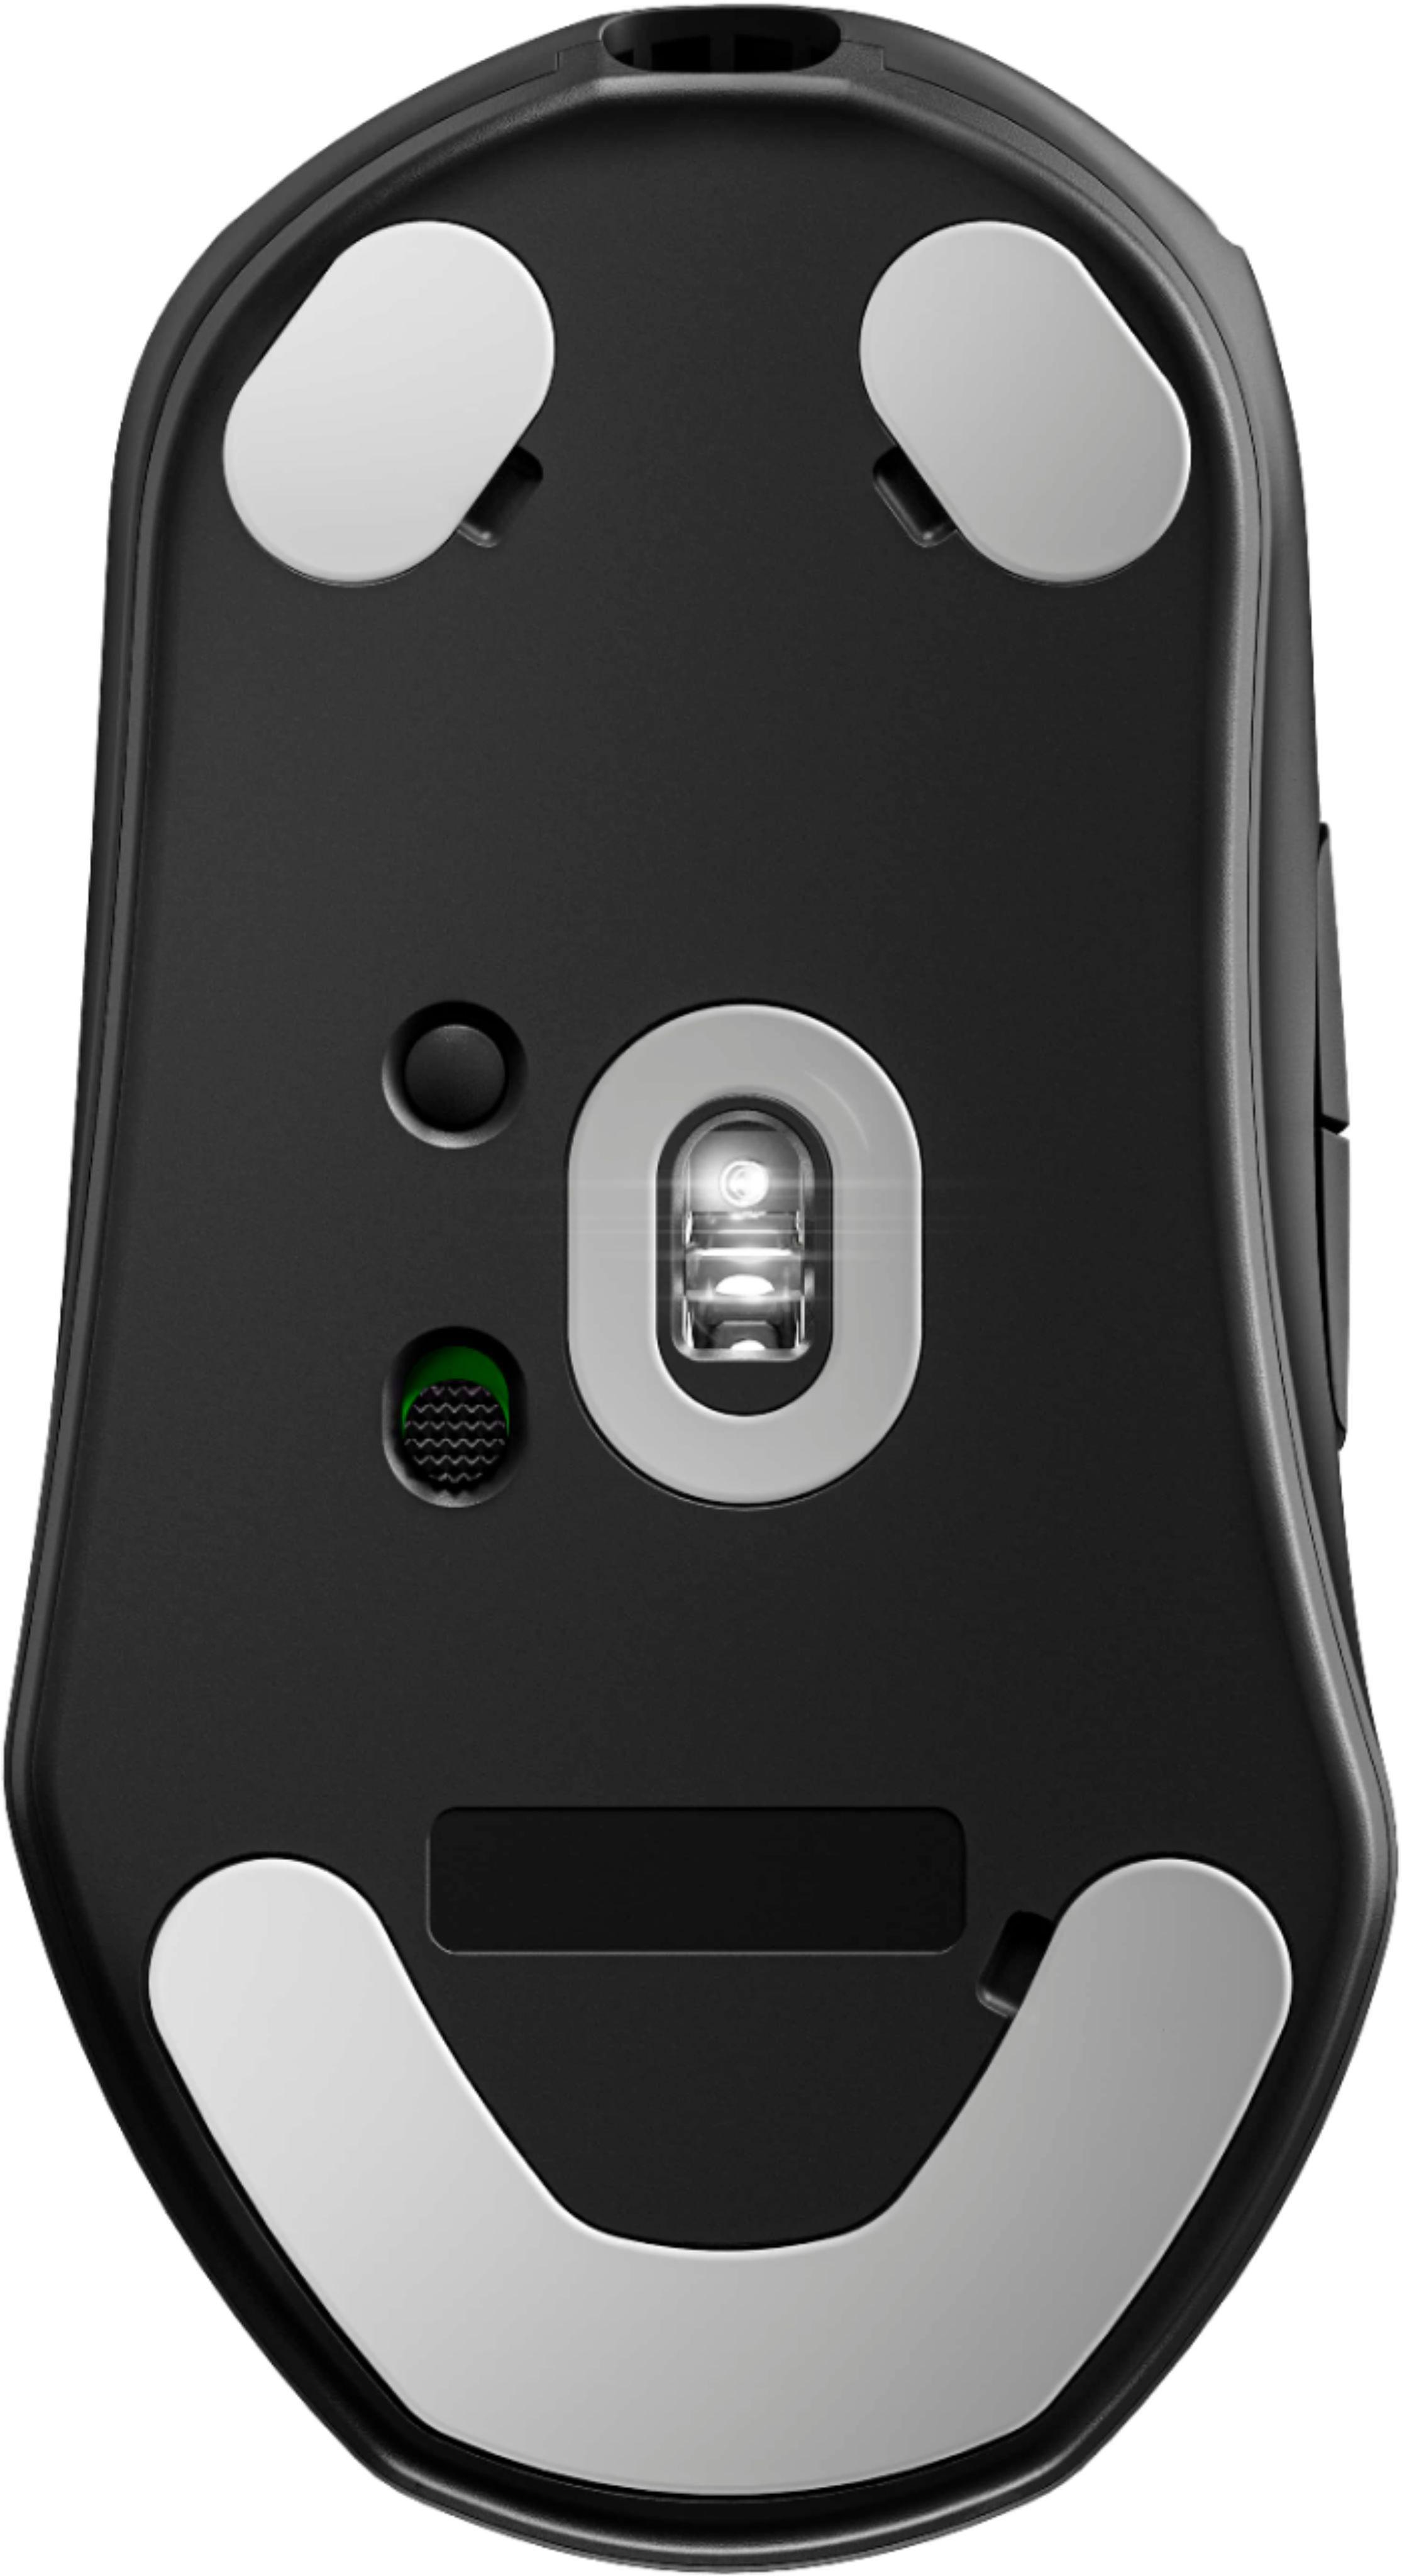 SteelSeries Prime Wireless juoda laidinė optinė-magnetinė pelė | 18000 CPI